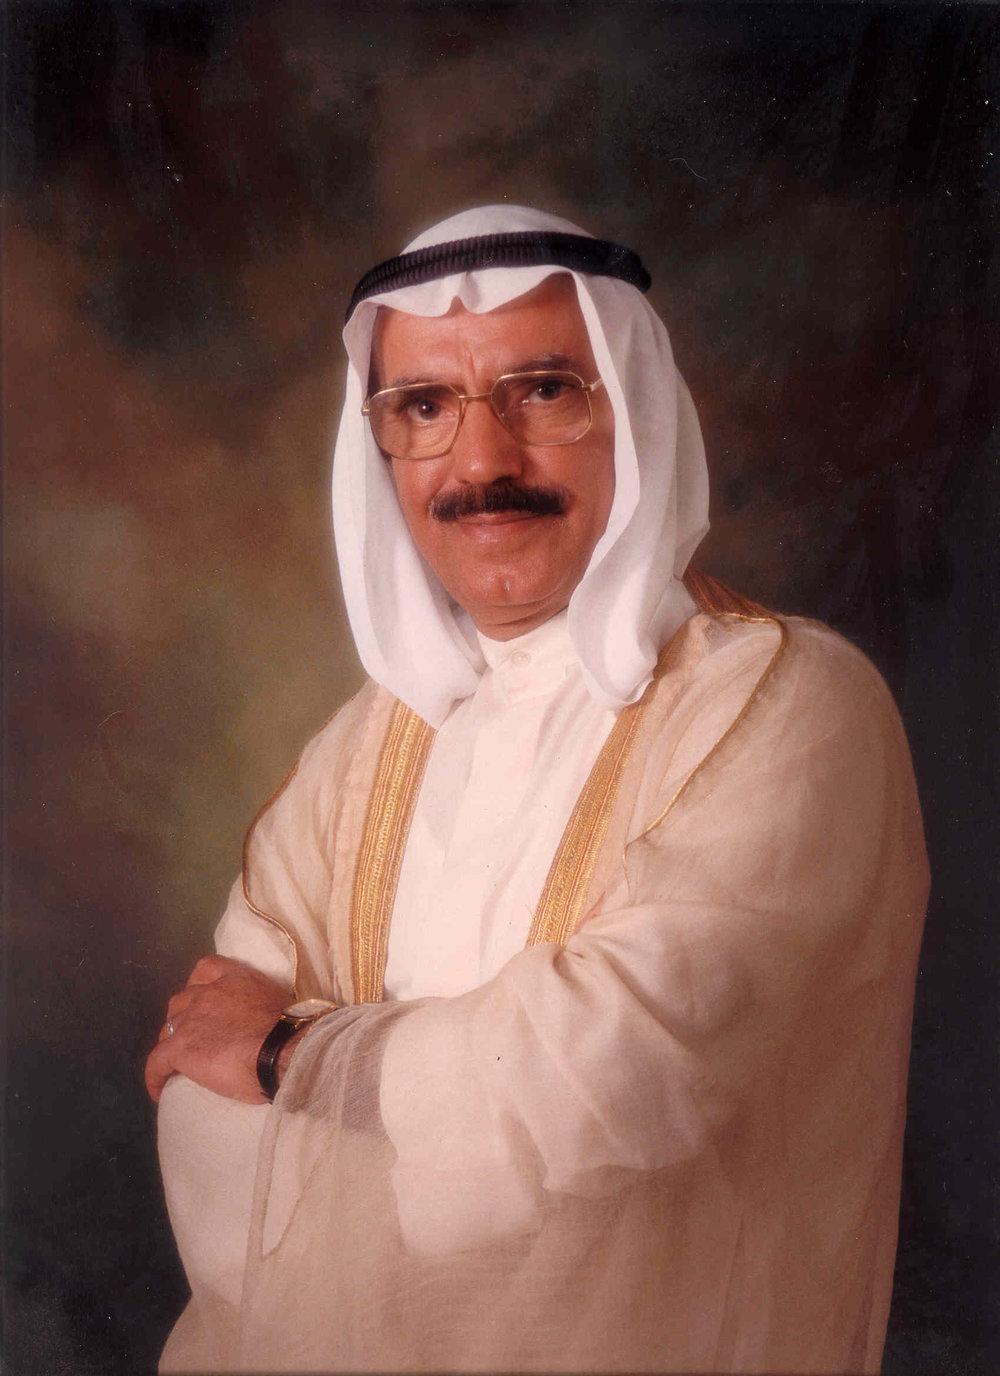 ms6+-+Abdullah+AlSharekh.jpg